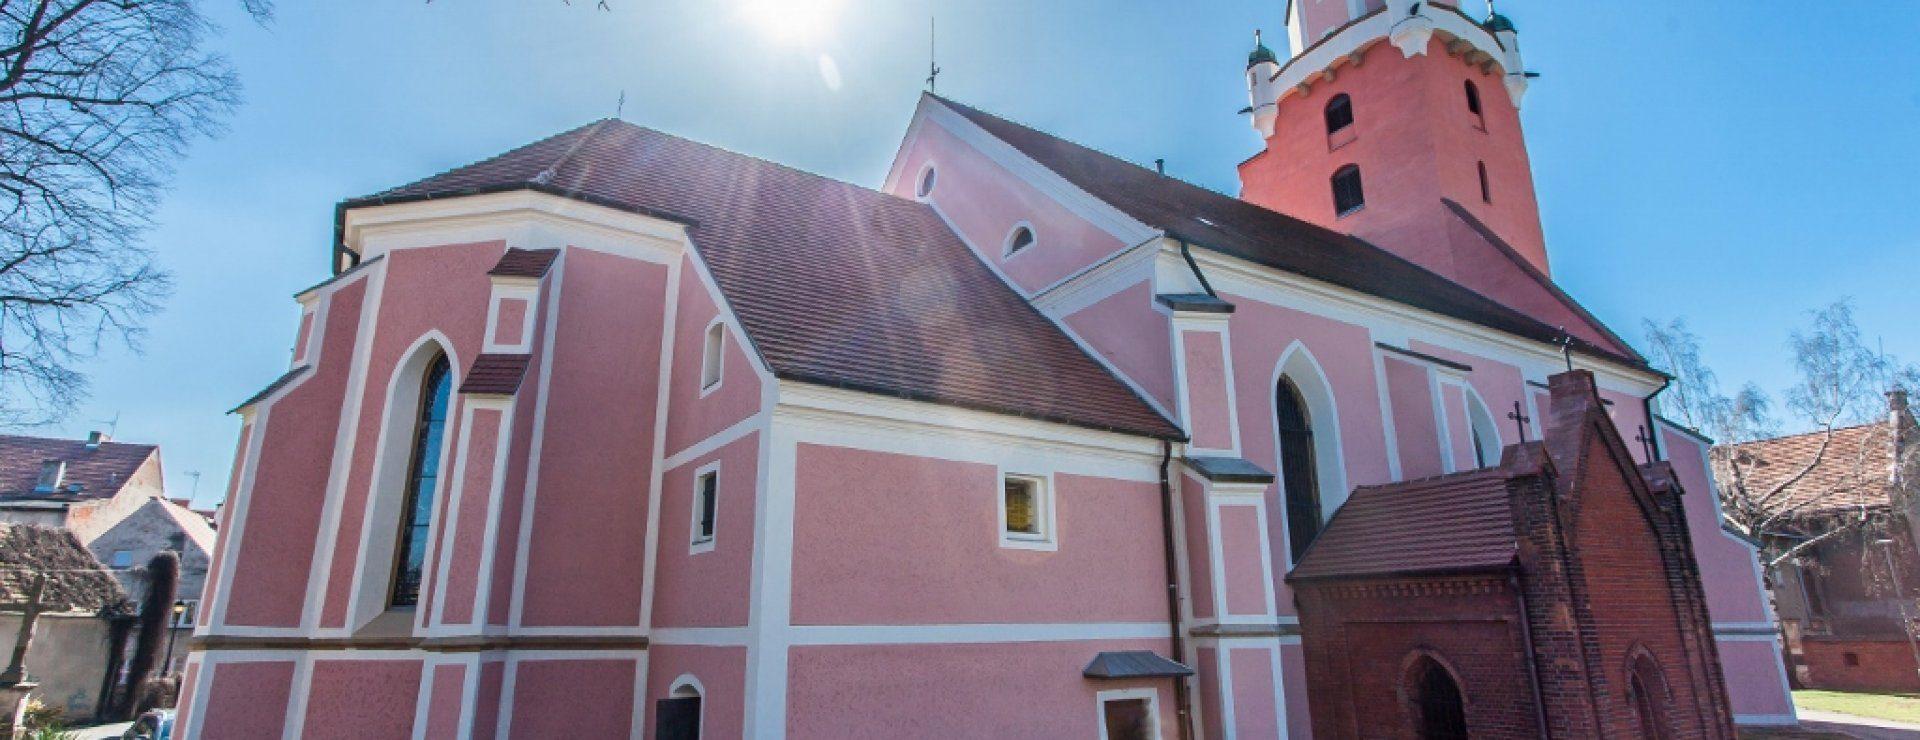 Kościół Piotra i Pawła w Kątach Wrocławskich